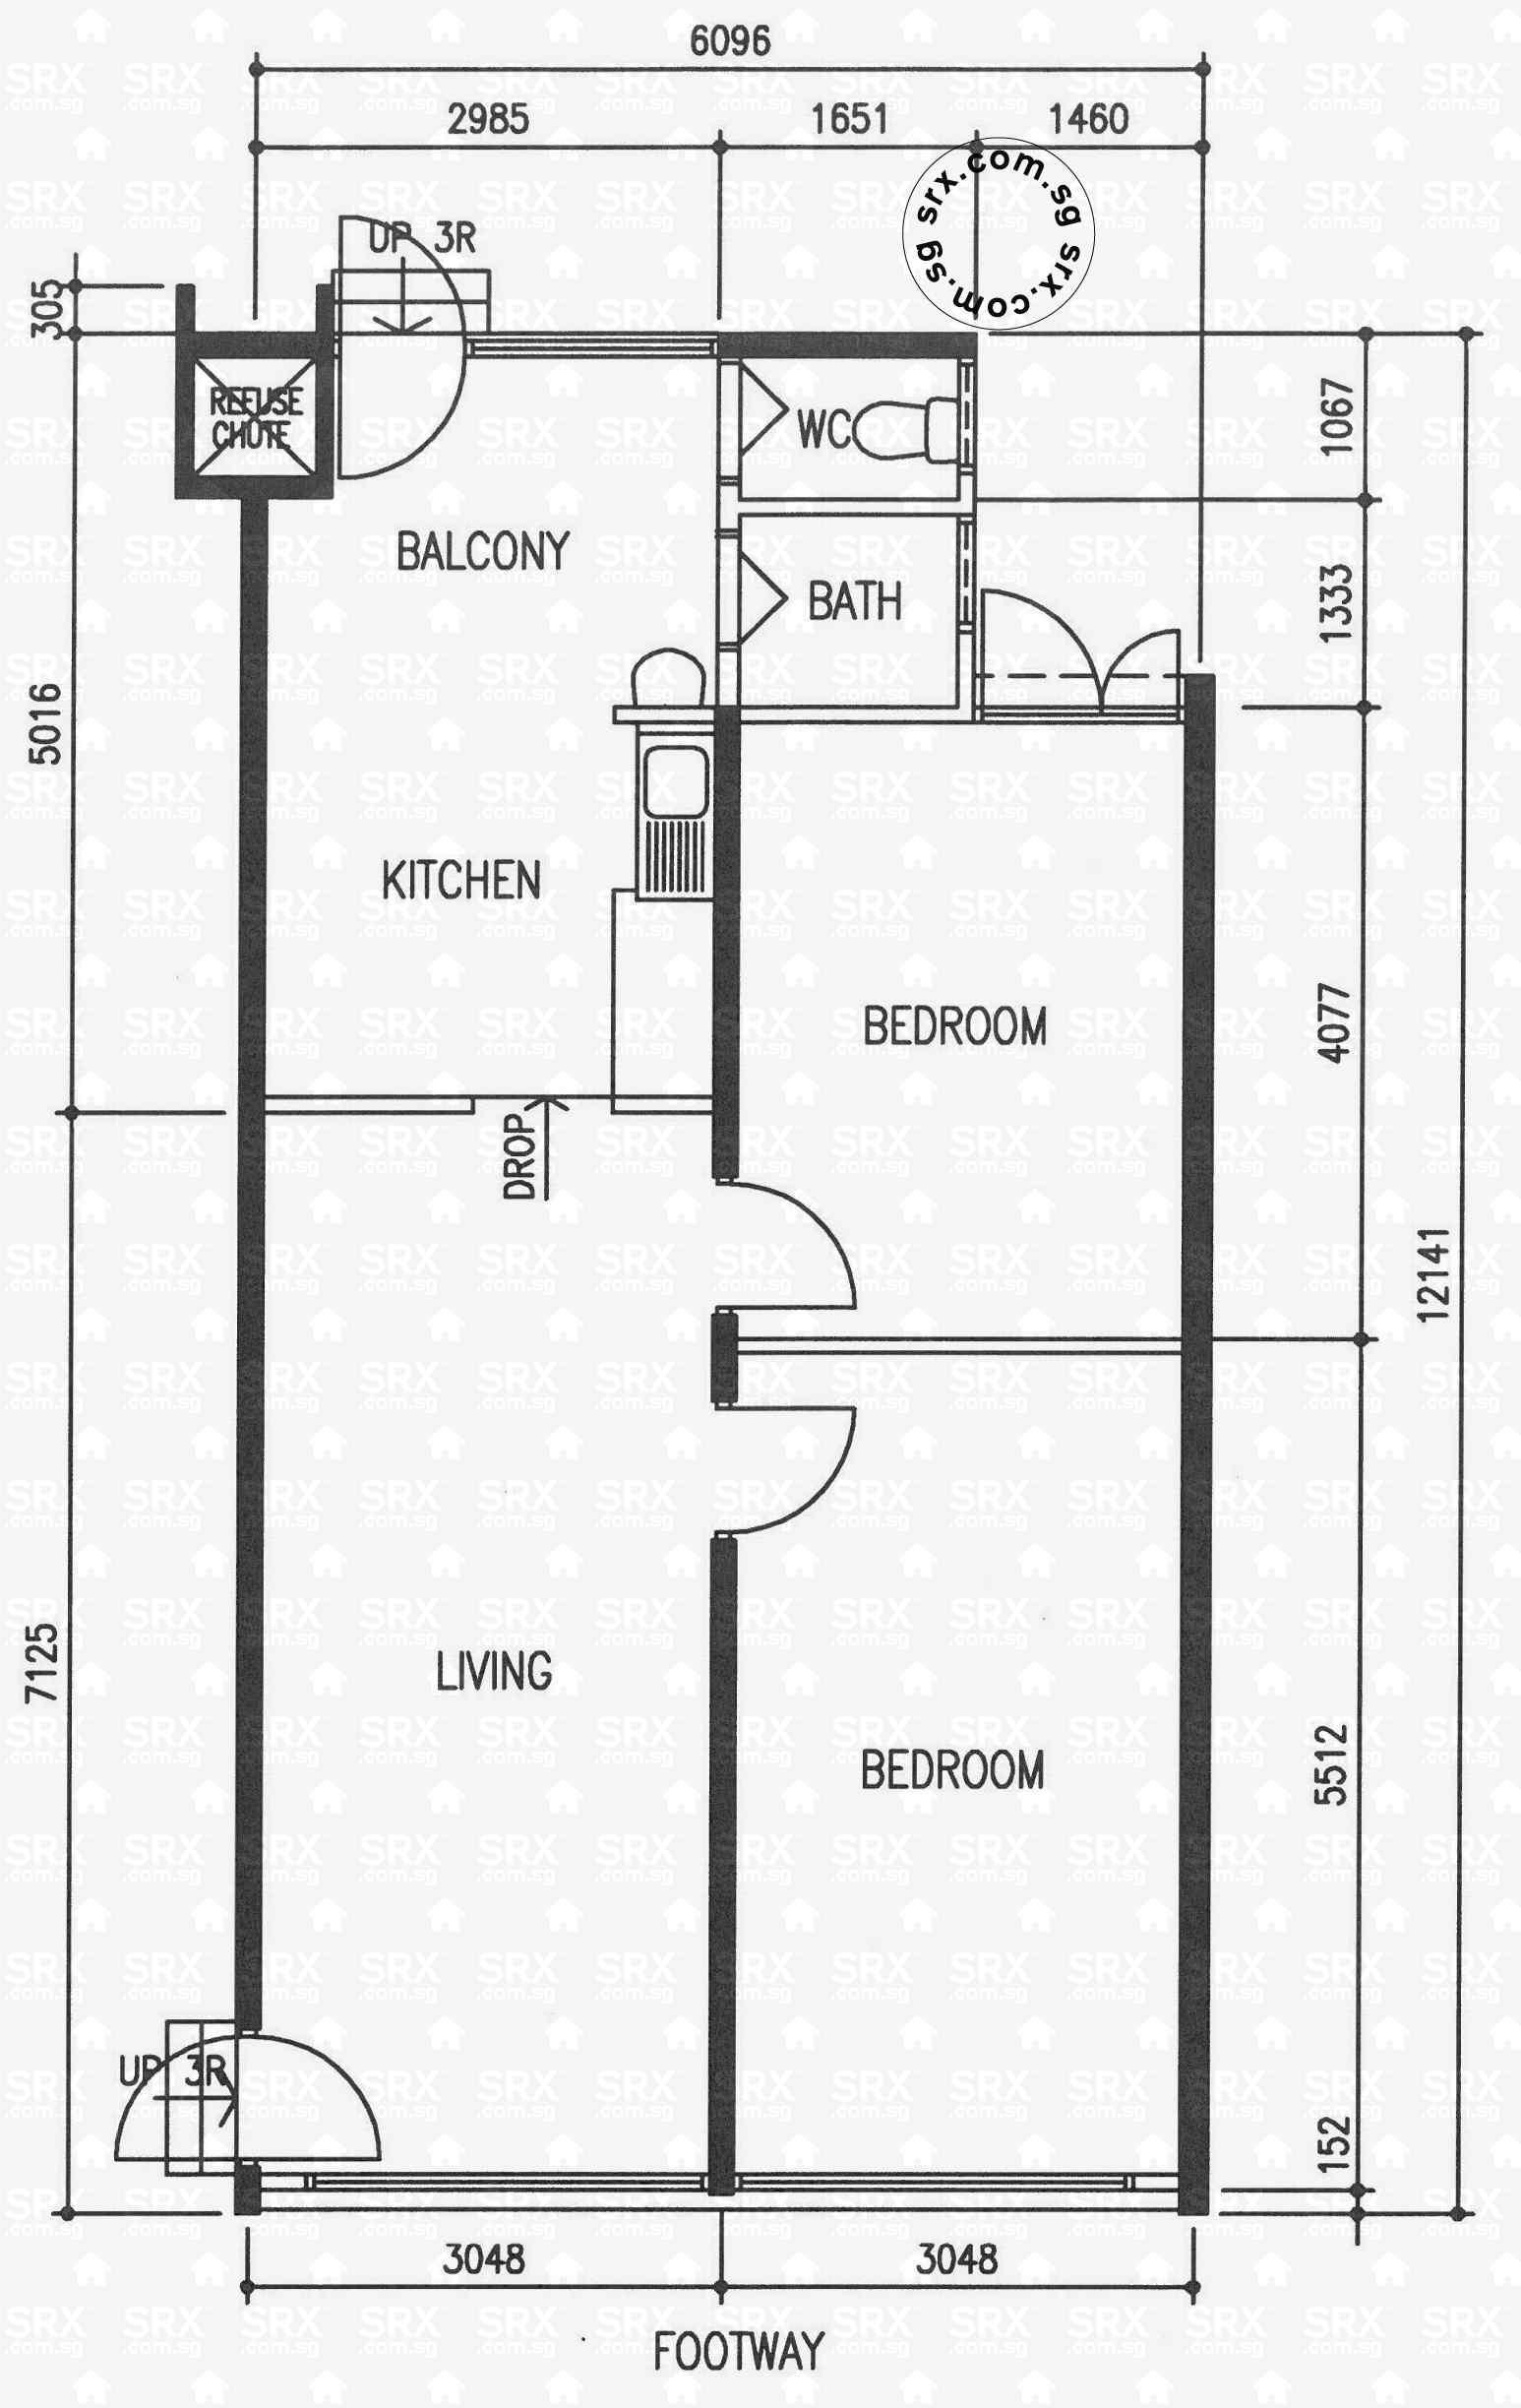 Yuan Ching Road Hdb Details Srx Property